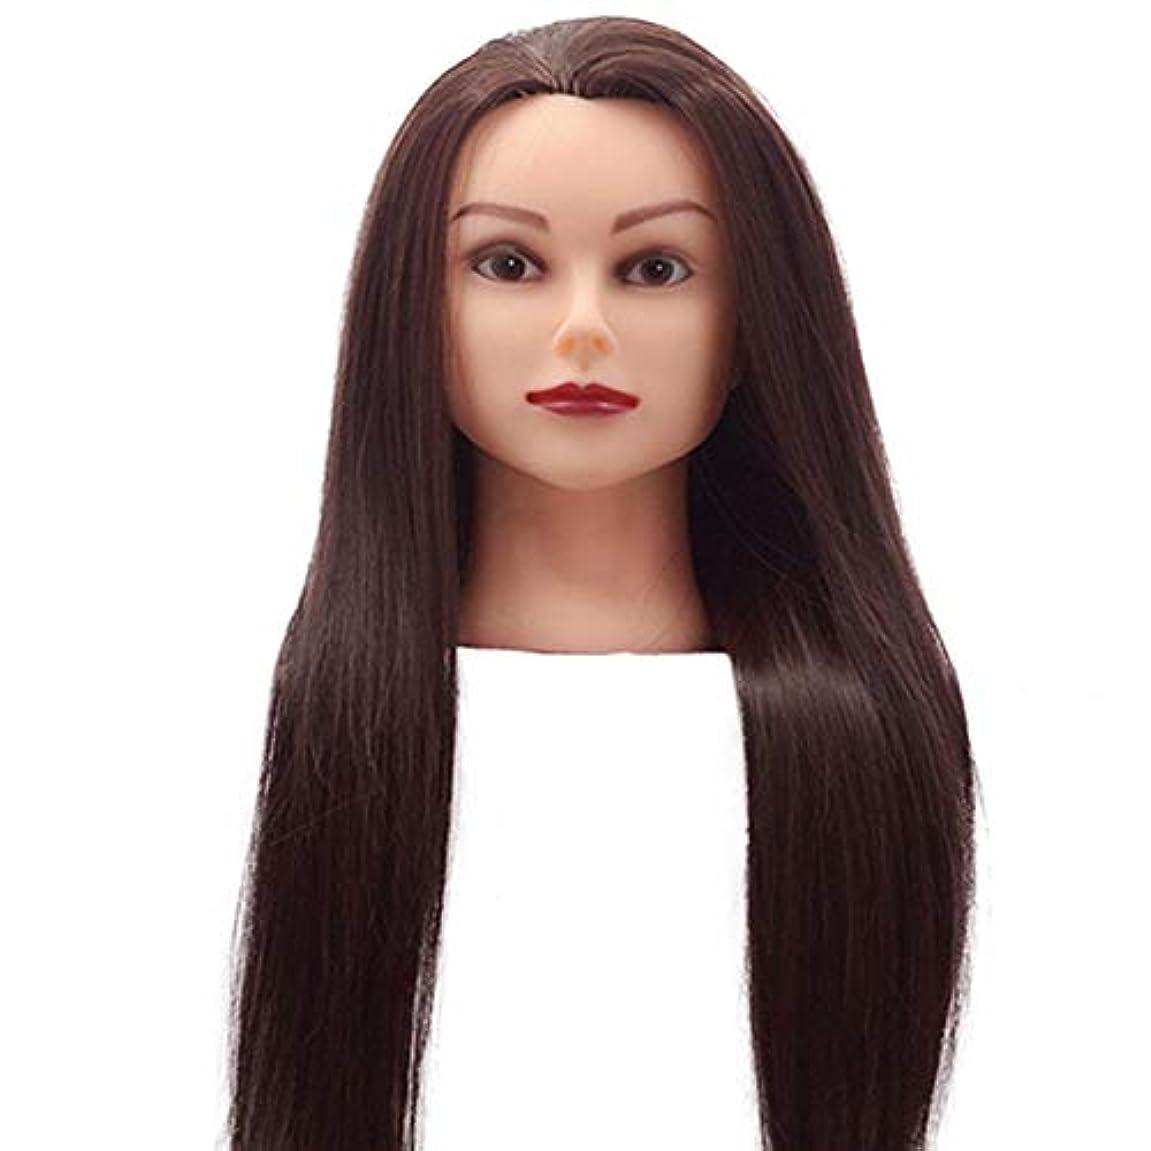 過剰モーター市民理髪モデルヘッド花嫁の髪編組三つ編み学習ヘッドモデル理髪店美容散髪ダミーエクササイズヘッド